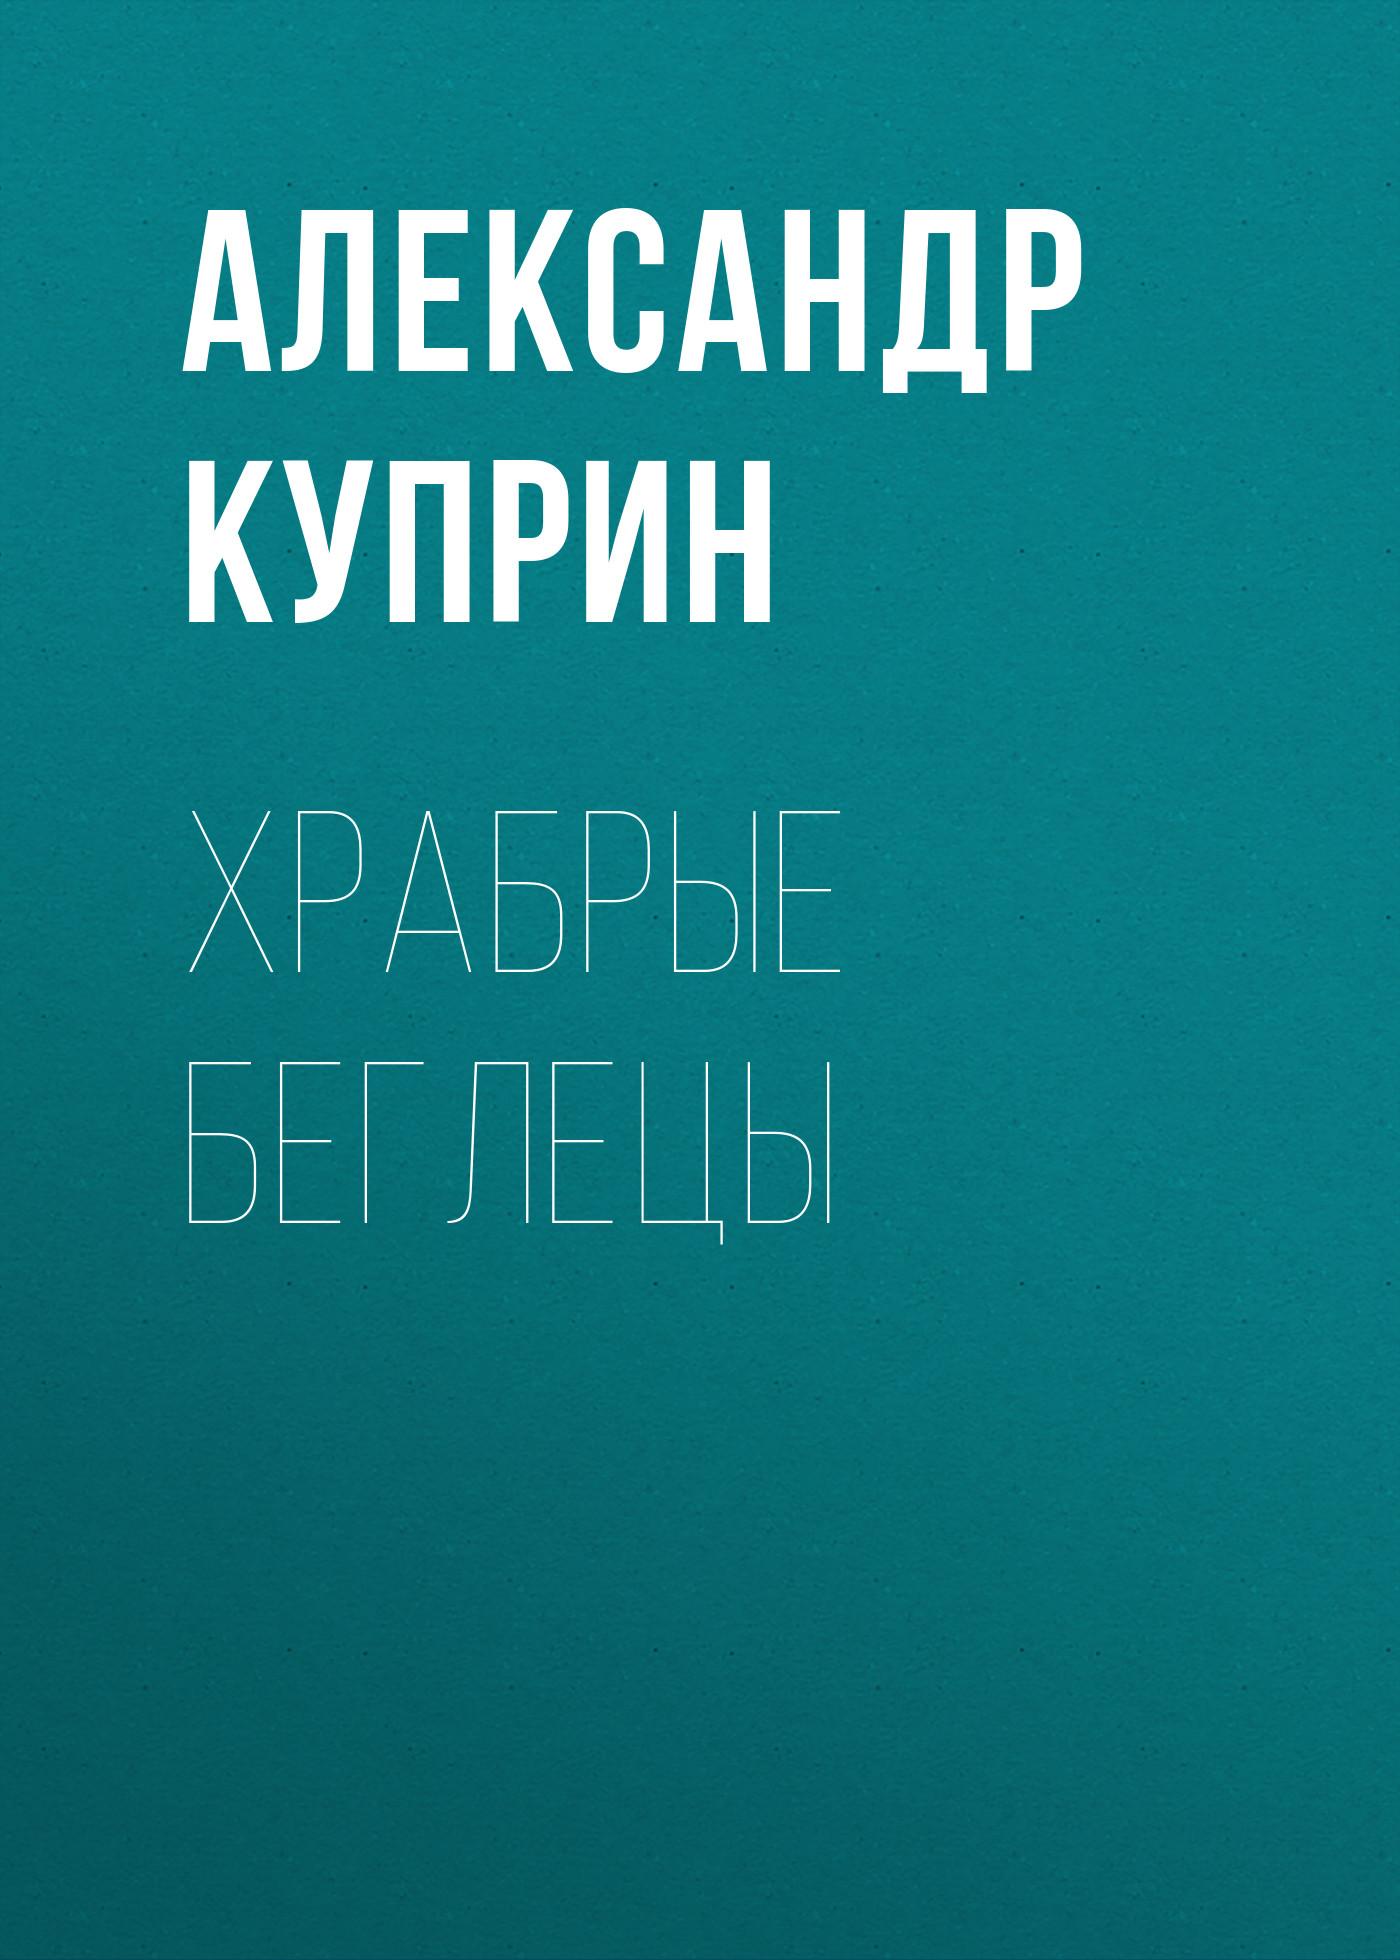 Александр Куприн Храбрые беглецы искандер амиров по дороге до родного дома